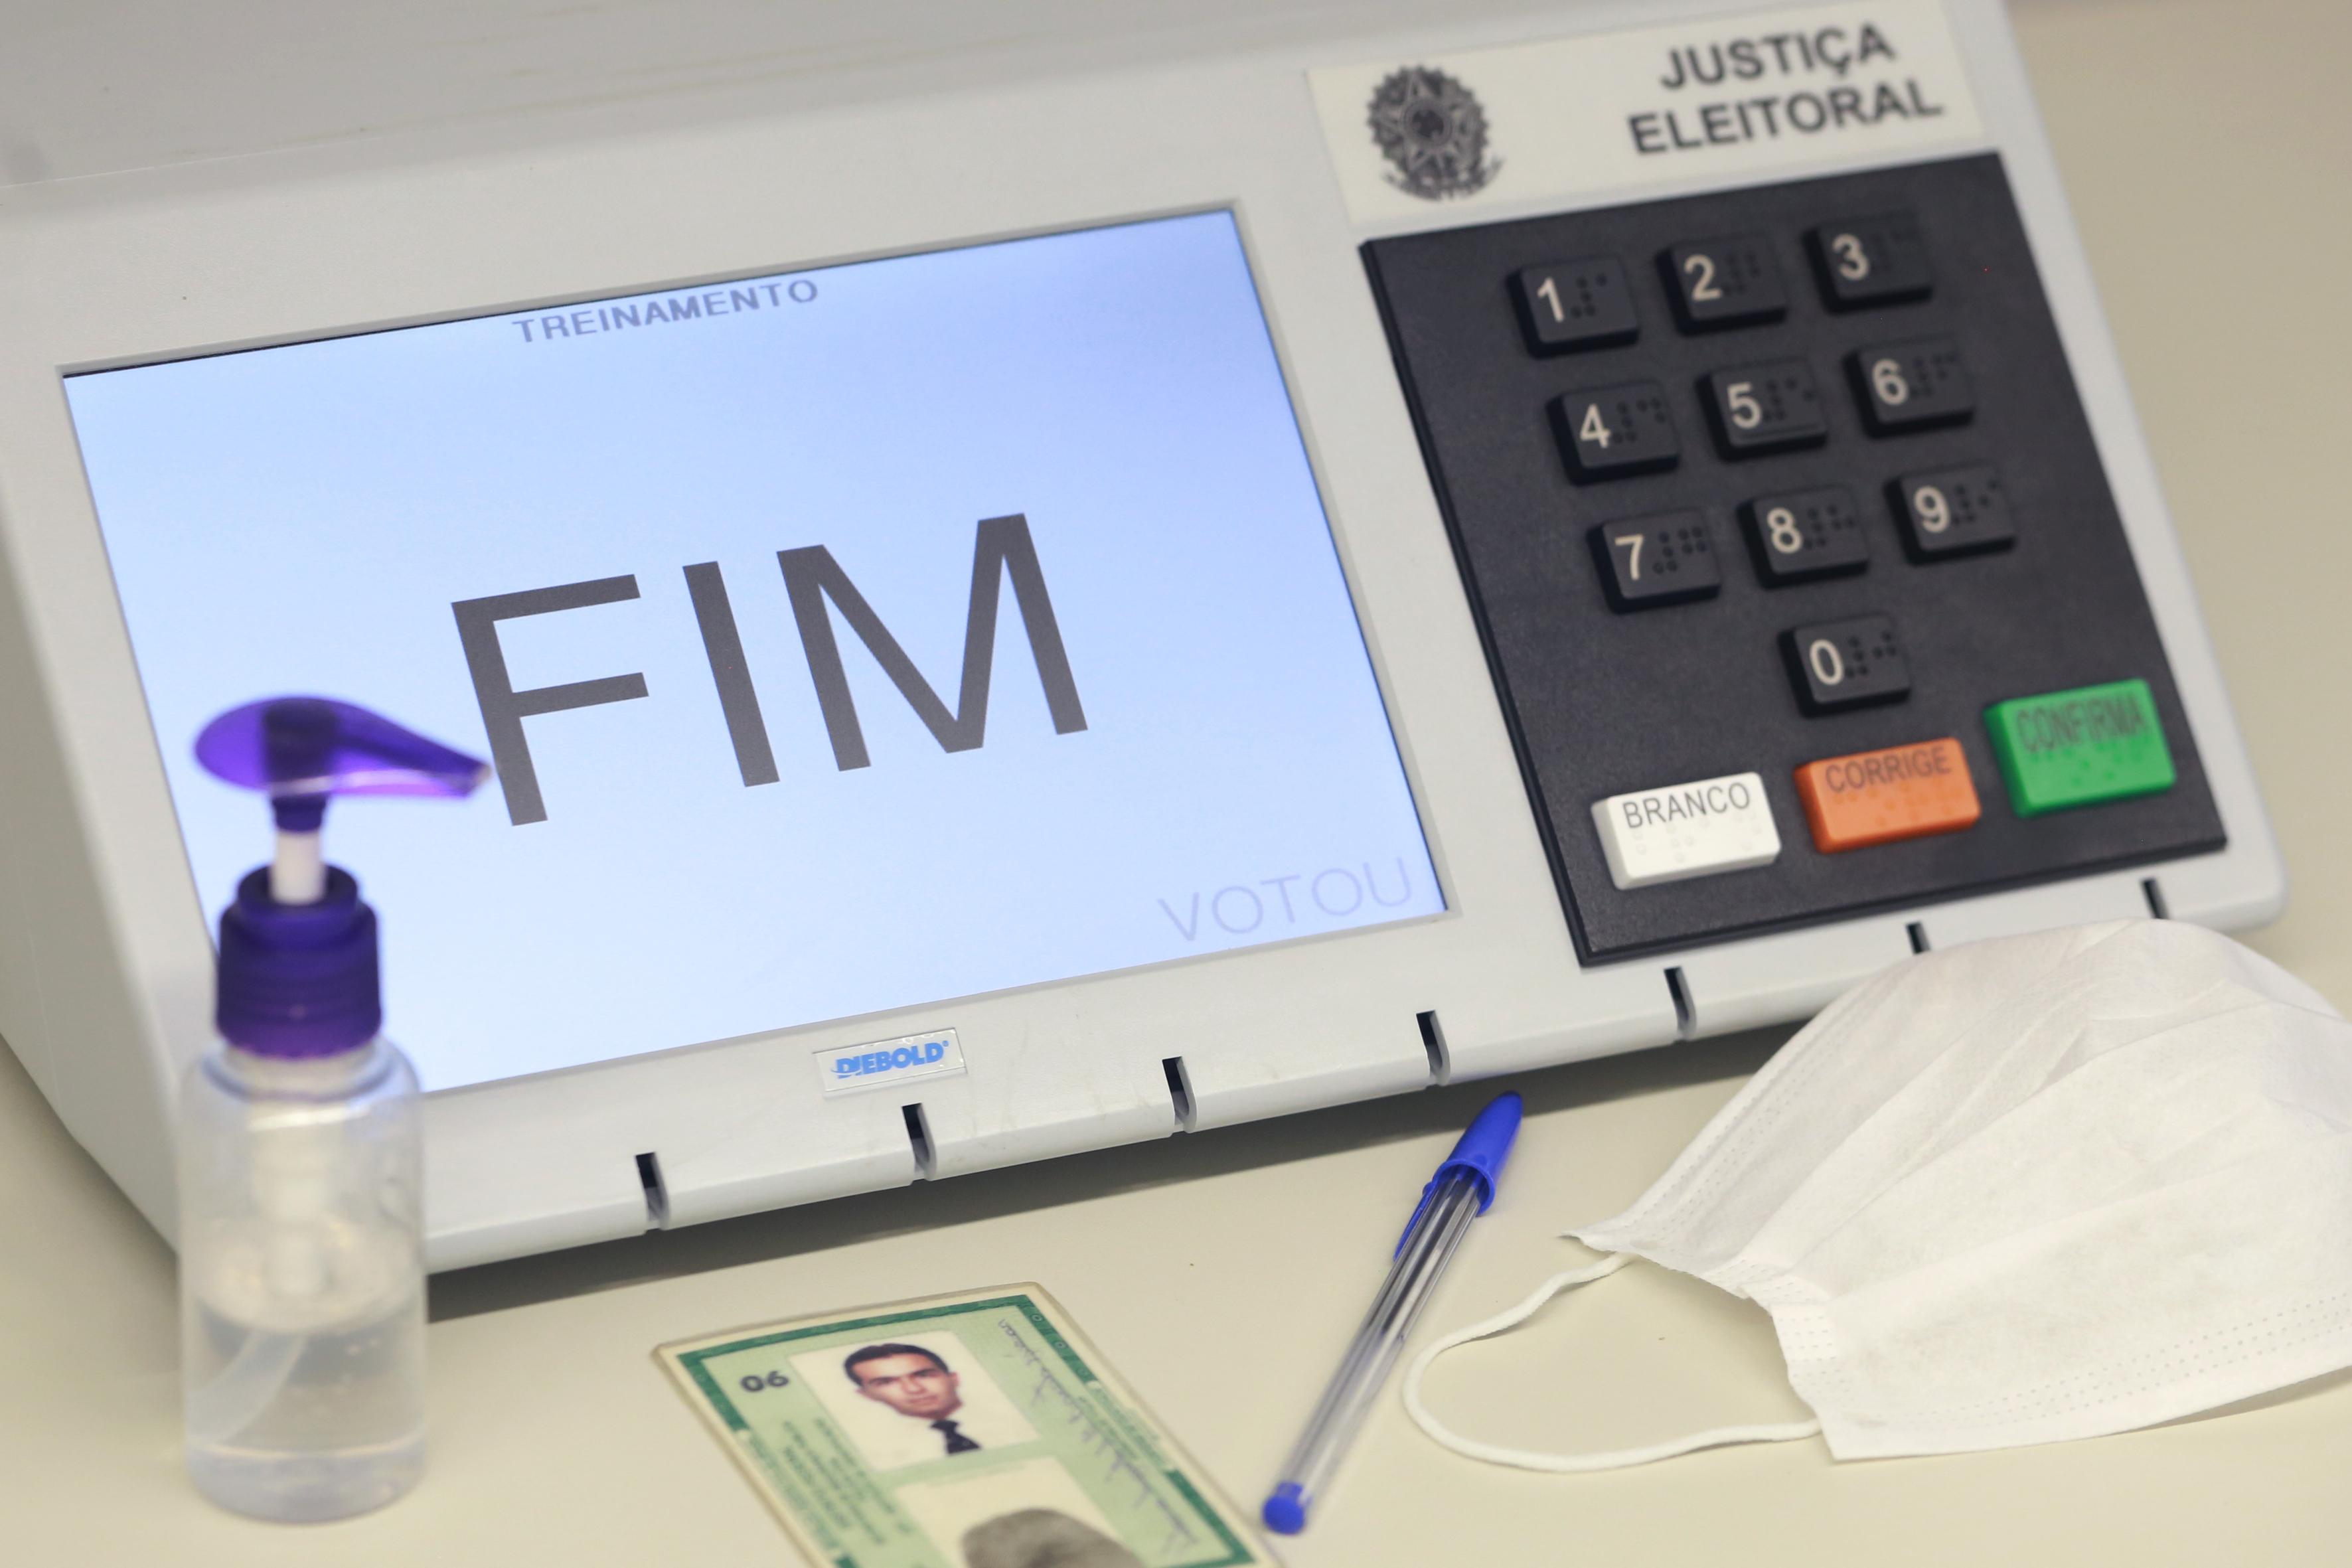 IMAGEM: Exclusivo: governo estuda modelo de certificação digital como alternativa à impressão do voto